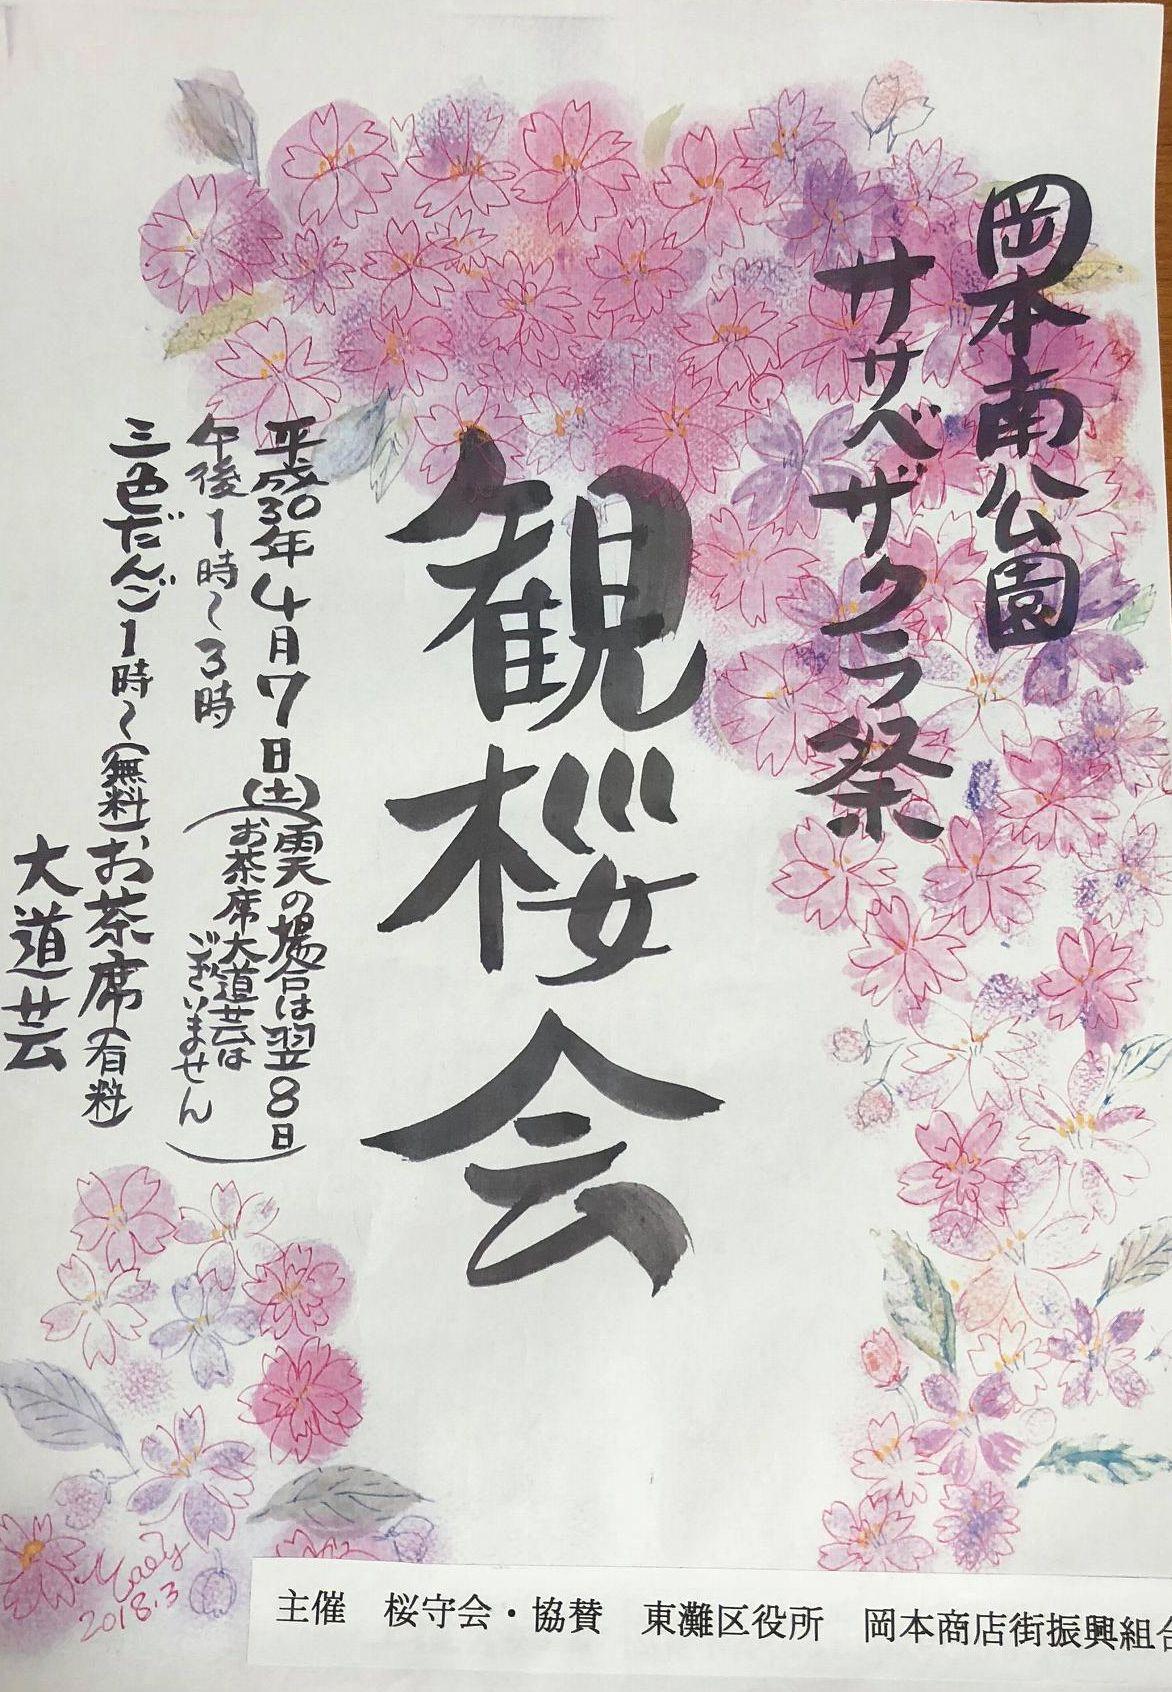 神戸・岡本南公園(桜守公園)で2018年4月7日(土)「観桜会」が開催されるよ! #桜守公園 #阪急岡本 #観桜会 #お花見